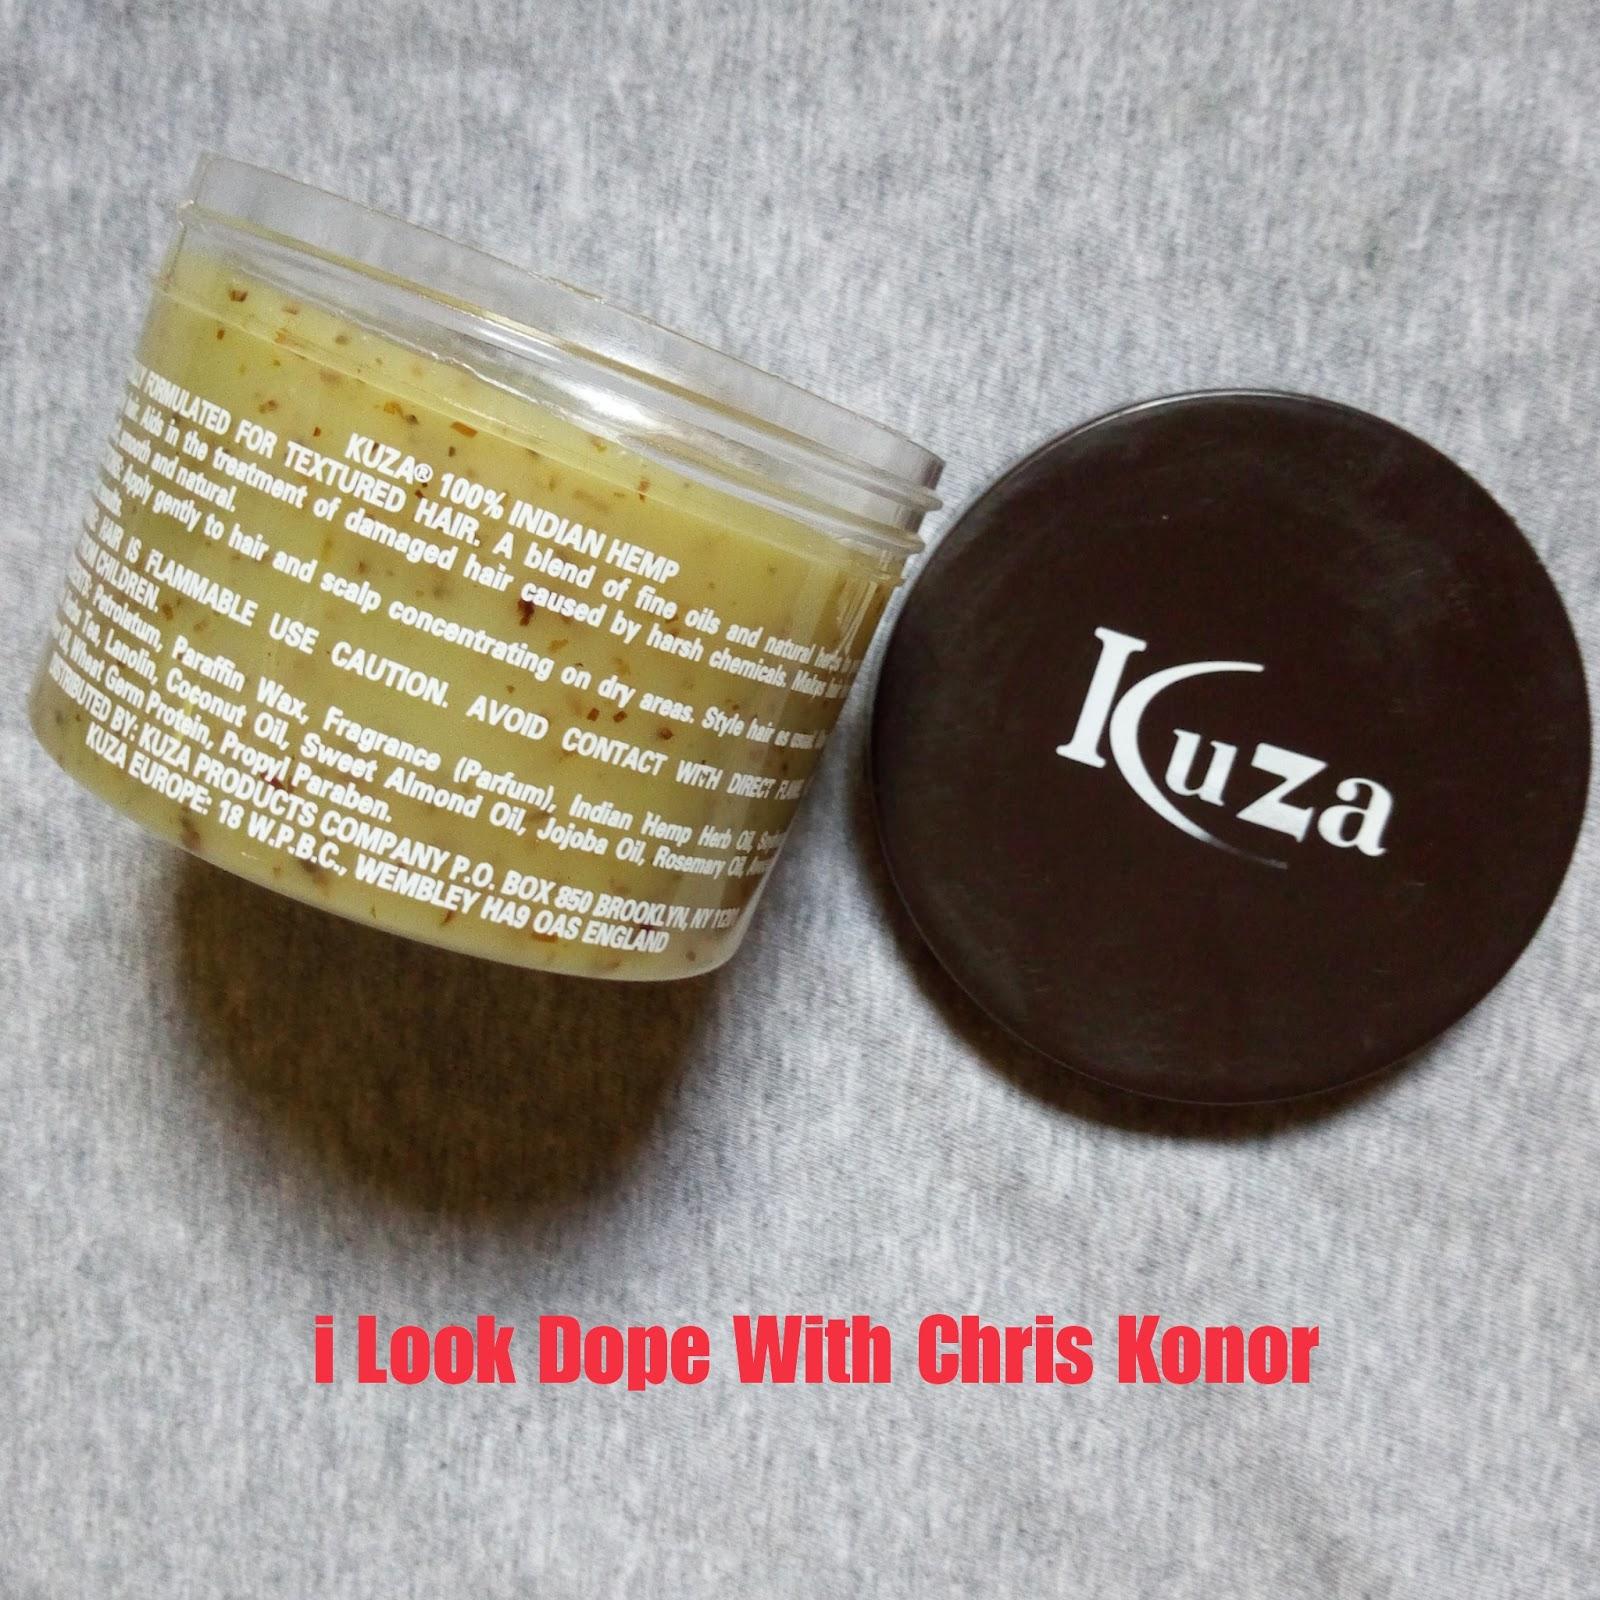 kuza 100 indian hemp, kuza 100 indian hemp reviews, kuza 100 indian hemp hair scalp treatment, kuza 100 indian hemp ingredients, kuza 100 indian hemp oil reviews, kuza 100 indian hemp aviskuza 100 indian hemp, kuza 100 indian hemp oil, kuza 100 indian hemp reviews, kuza 100 indian hemp hair and scalp treatment, kuza 100 indian hemp ingredients, kuza 100 indian hemp oil reviews, kuza 100 indian hemp avis, kuza 100 indian hemp hair and scalp treatment ingredients, kuza 100 indian hemp hair scalp treatment, ilookdope, ilookdope.com, nigeria best skin care blog africa, i look dope with chris konor